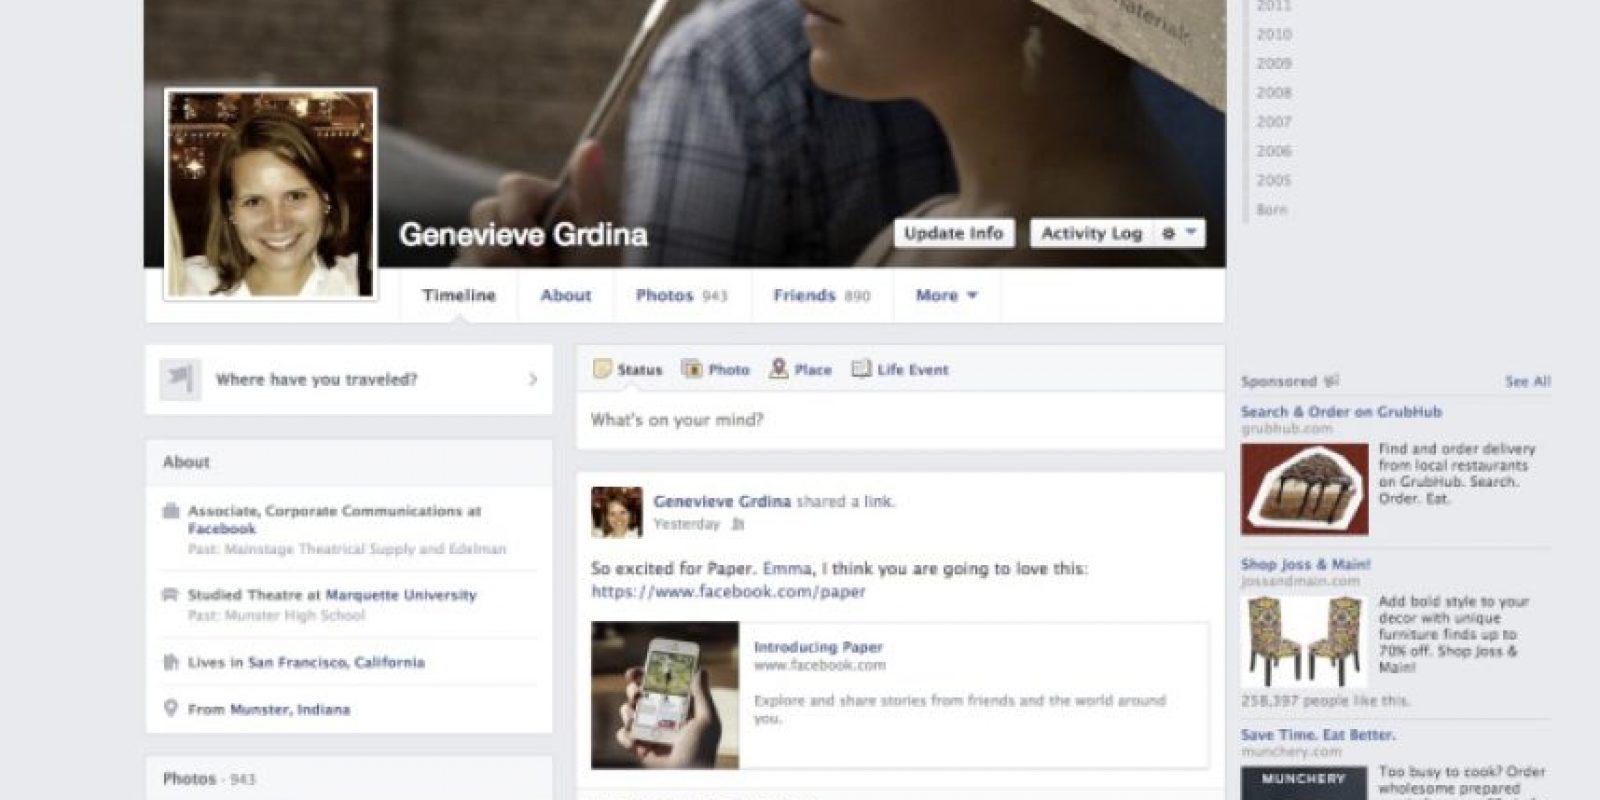 """2013-2014. Facebook introduce una aplicación llamada """"Paper"""" y se los colores se vuelven más sutiles. Foto:Facebook"""